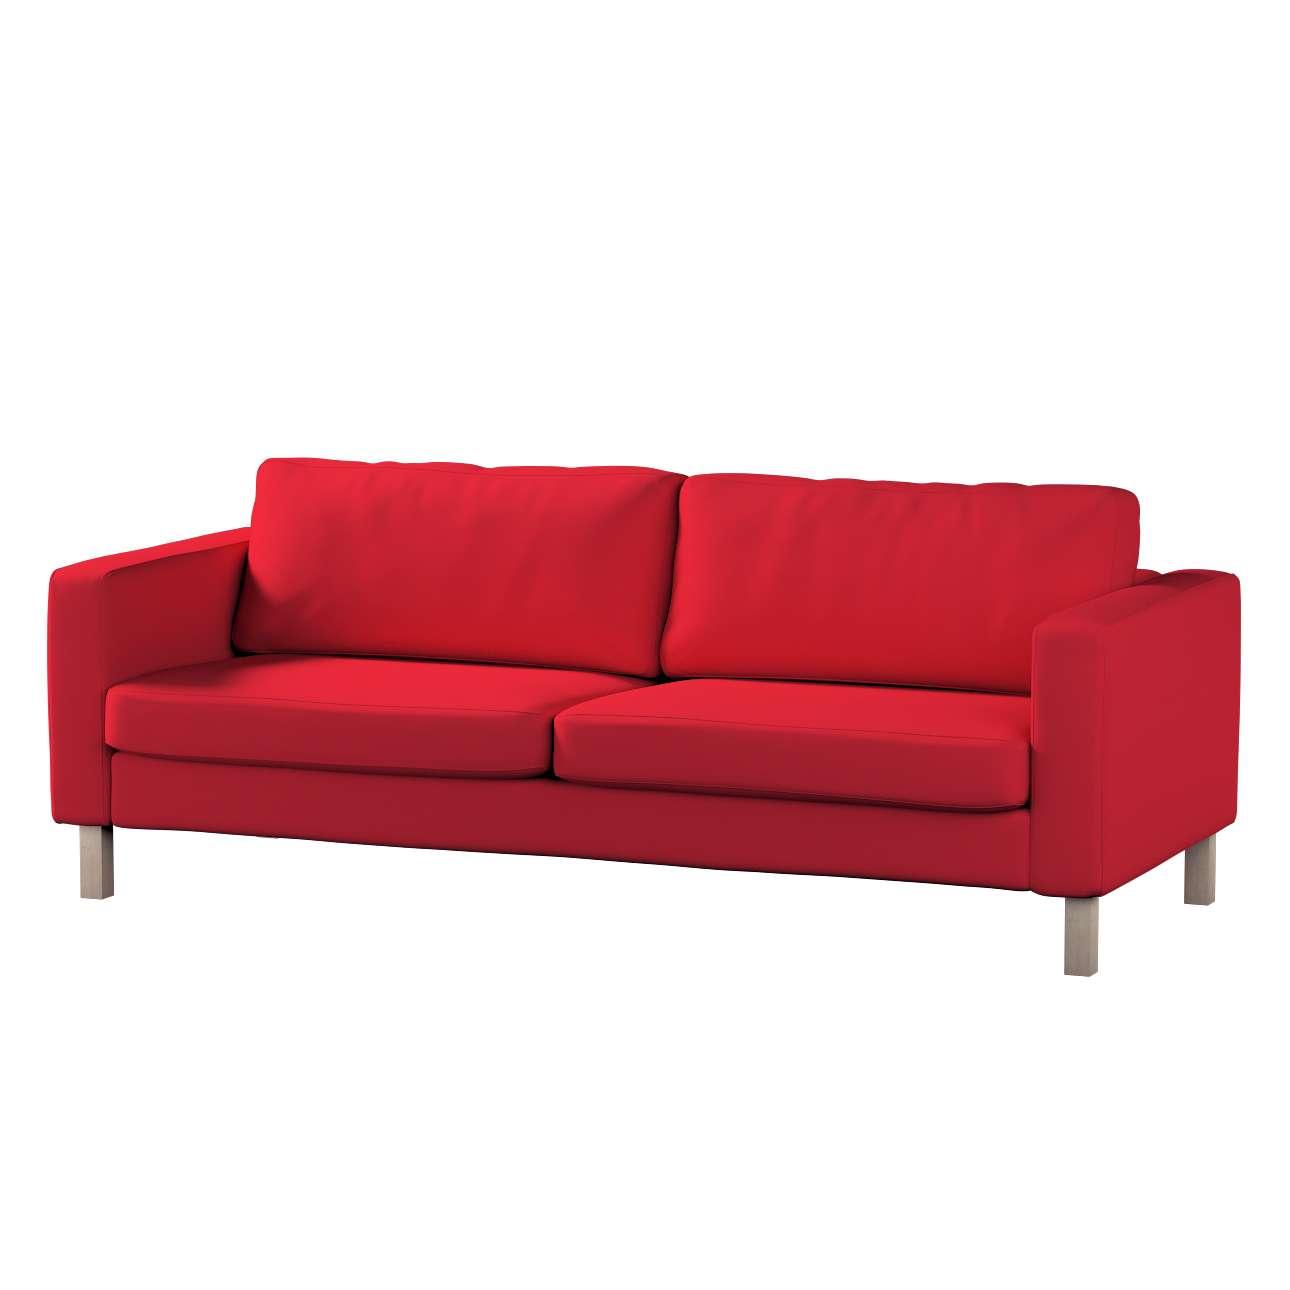 Pokrowiec na sofę Karlstad 3-osobową nierozkładaną, krótki Sofa Karlstad 3-osobowa w kolekcji Cotton Panama, tkanina: 702-04